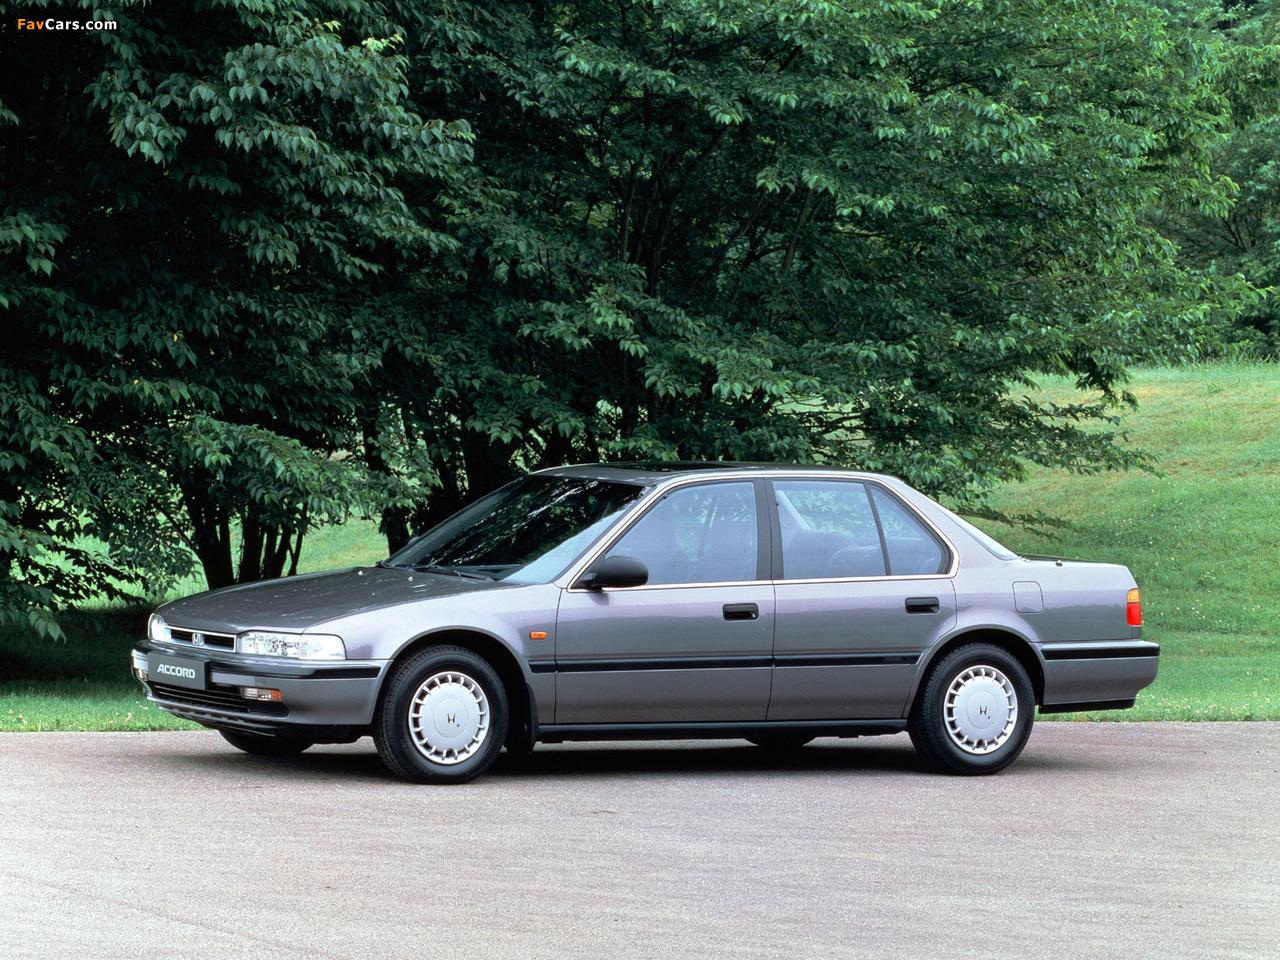 honda accord sedan cb 1990 93 wallpapers 1280x960